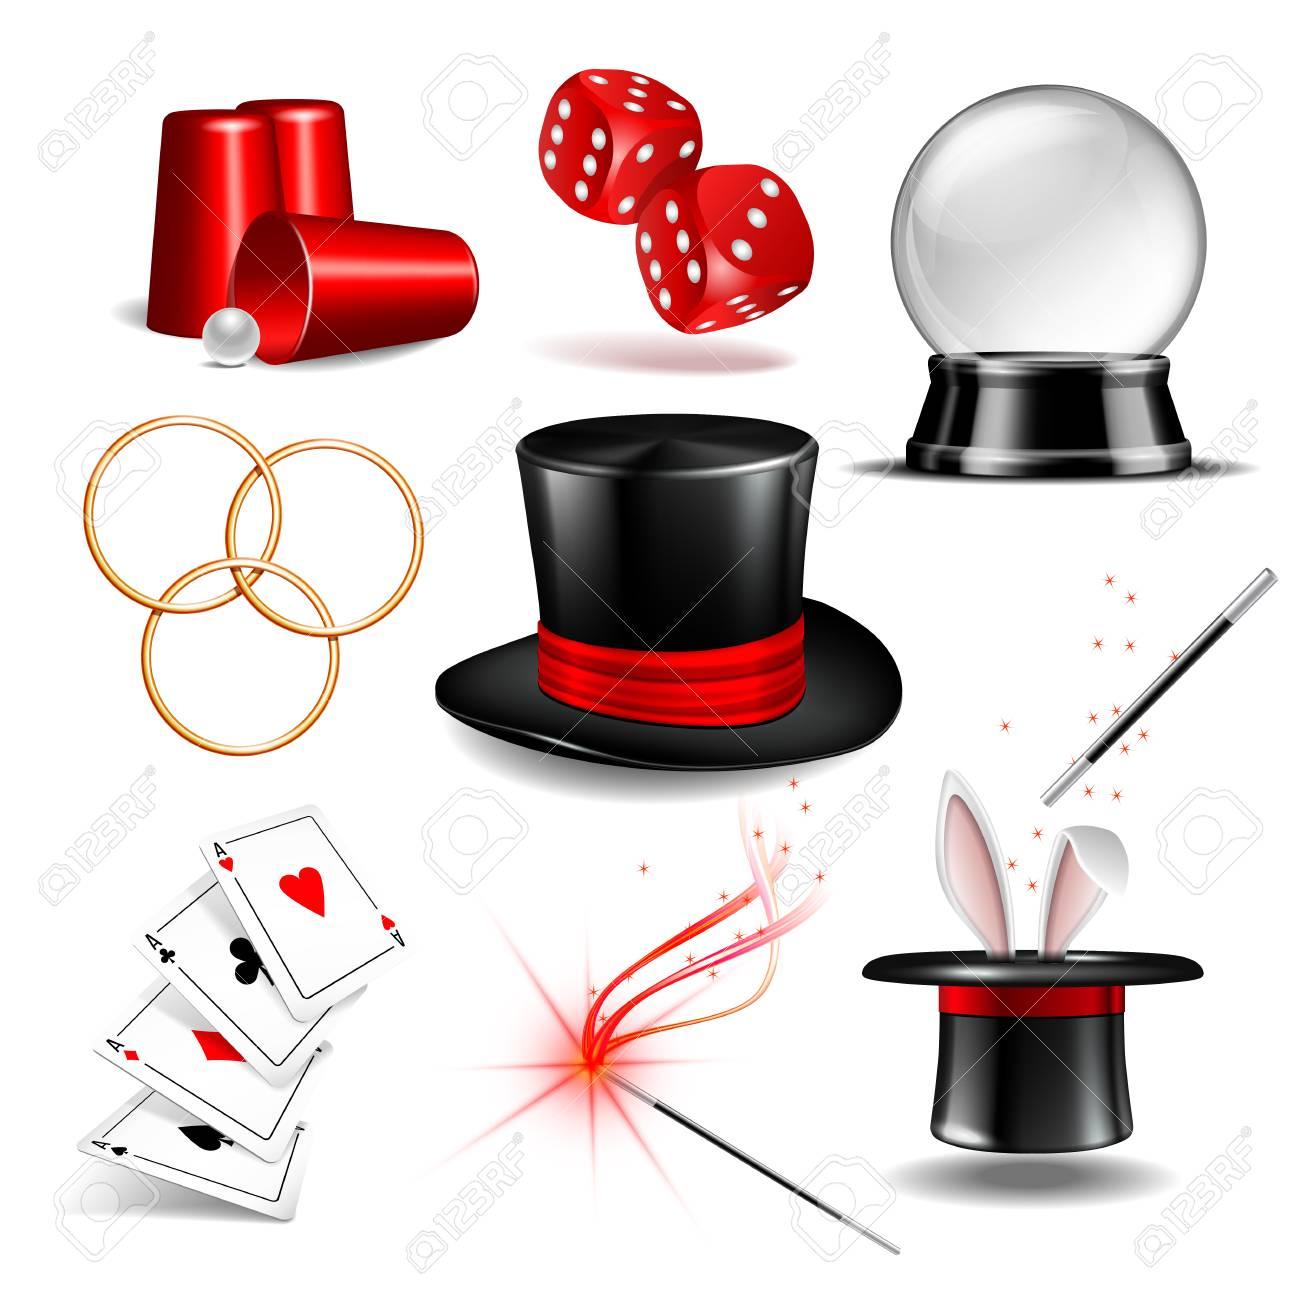 Magician symbol set vector illustration - 97712920